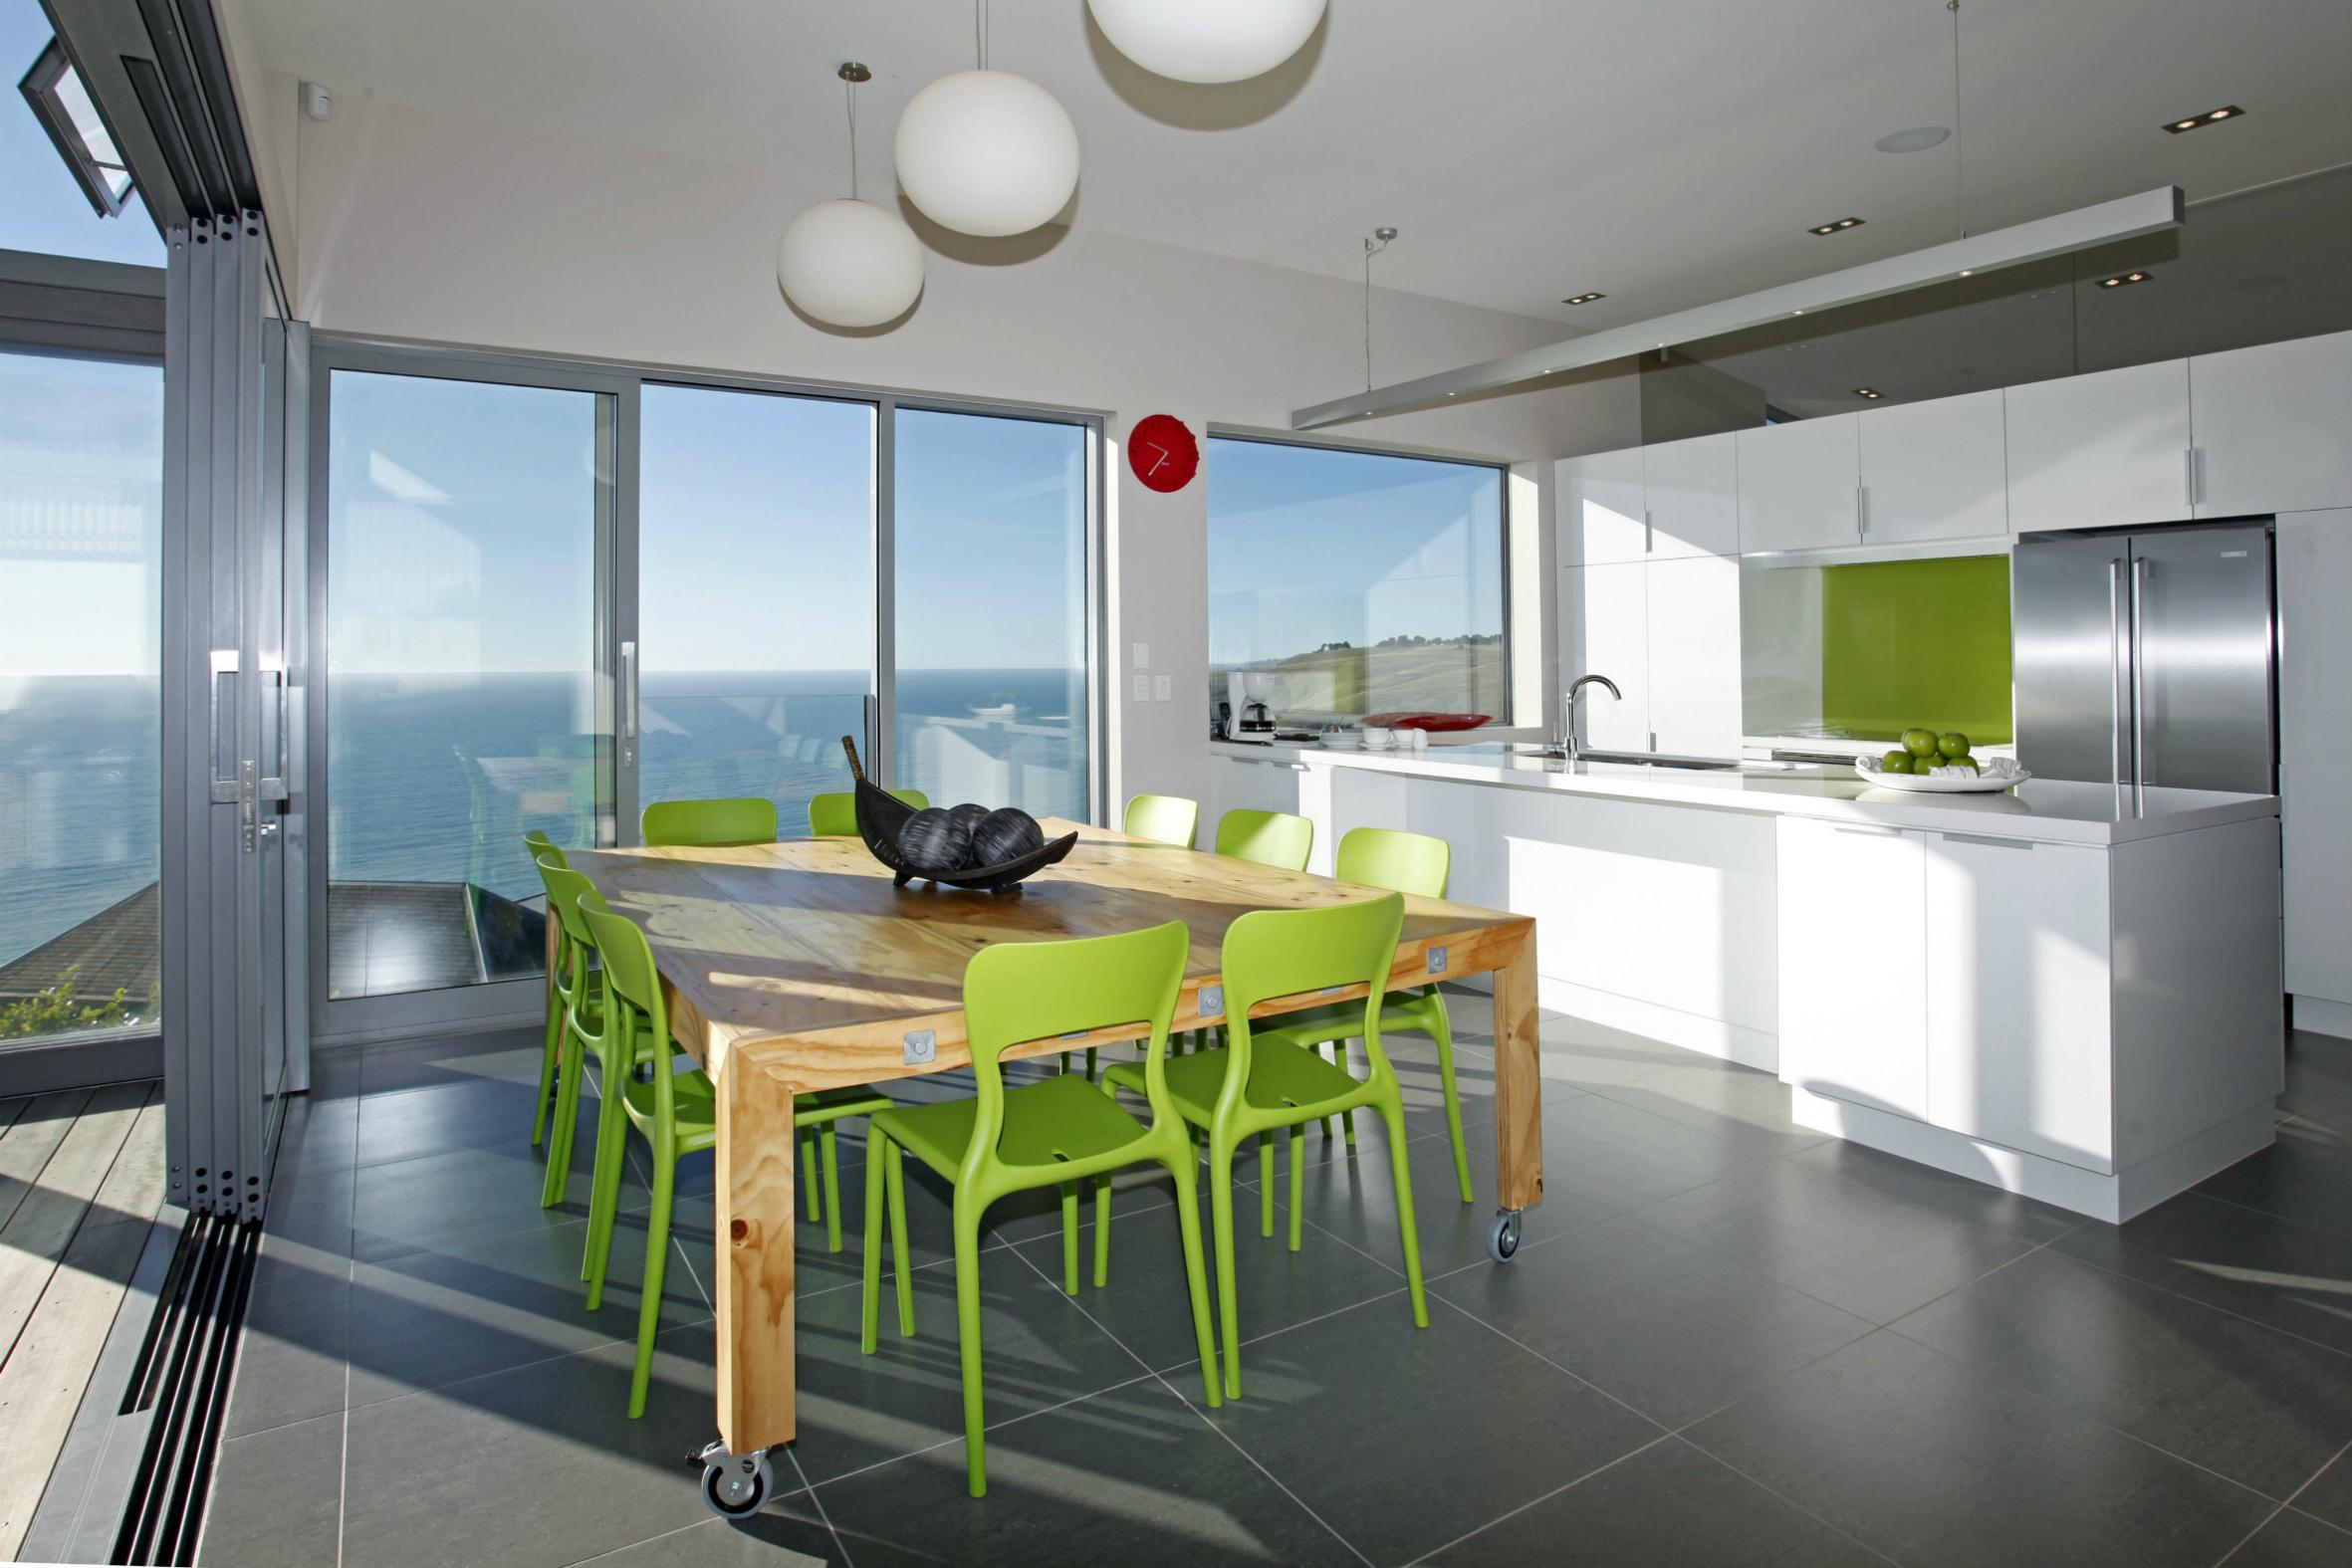 White kitchen design in modern architecture